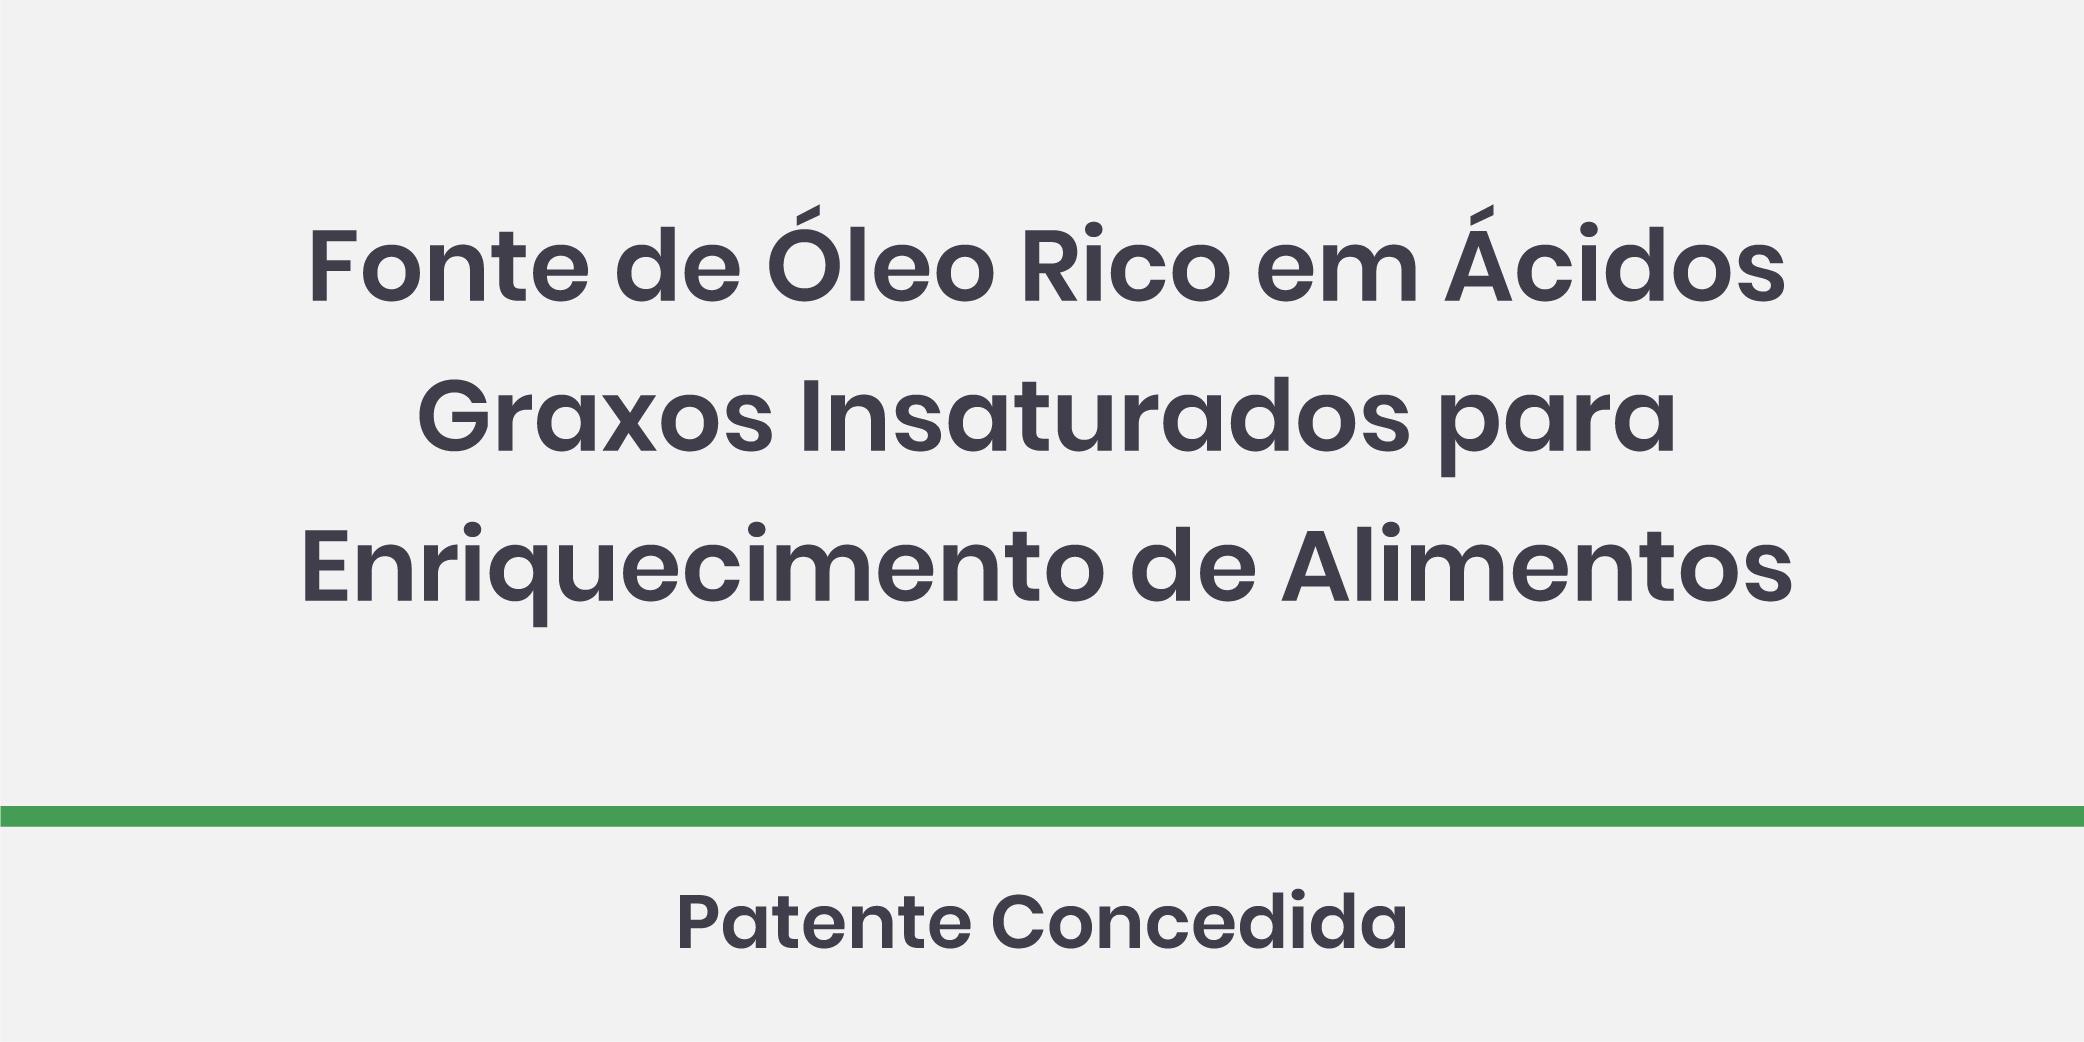 Fonte de Óleo Rico em Ácidos Graxos Insaturados para Enriquecimento de Alimentos. Patente Concedida